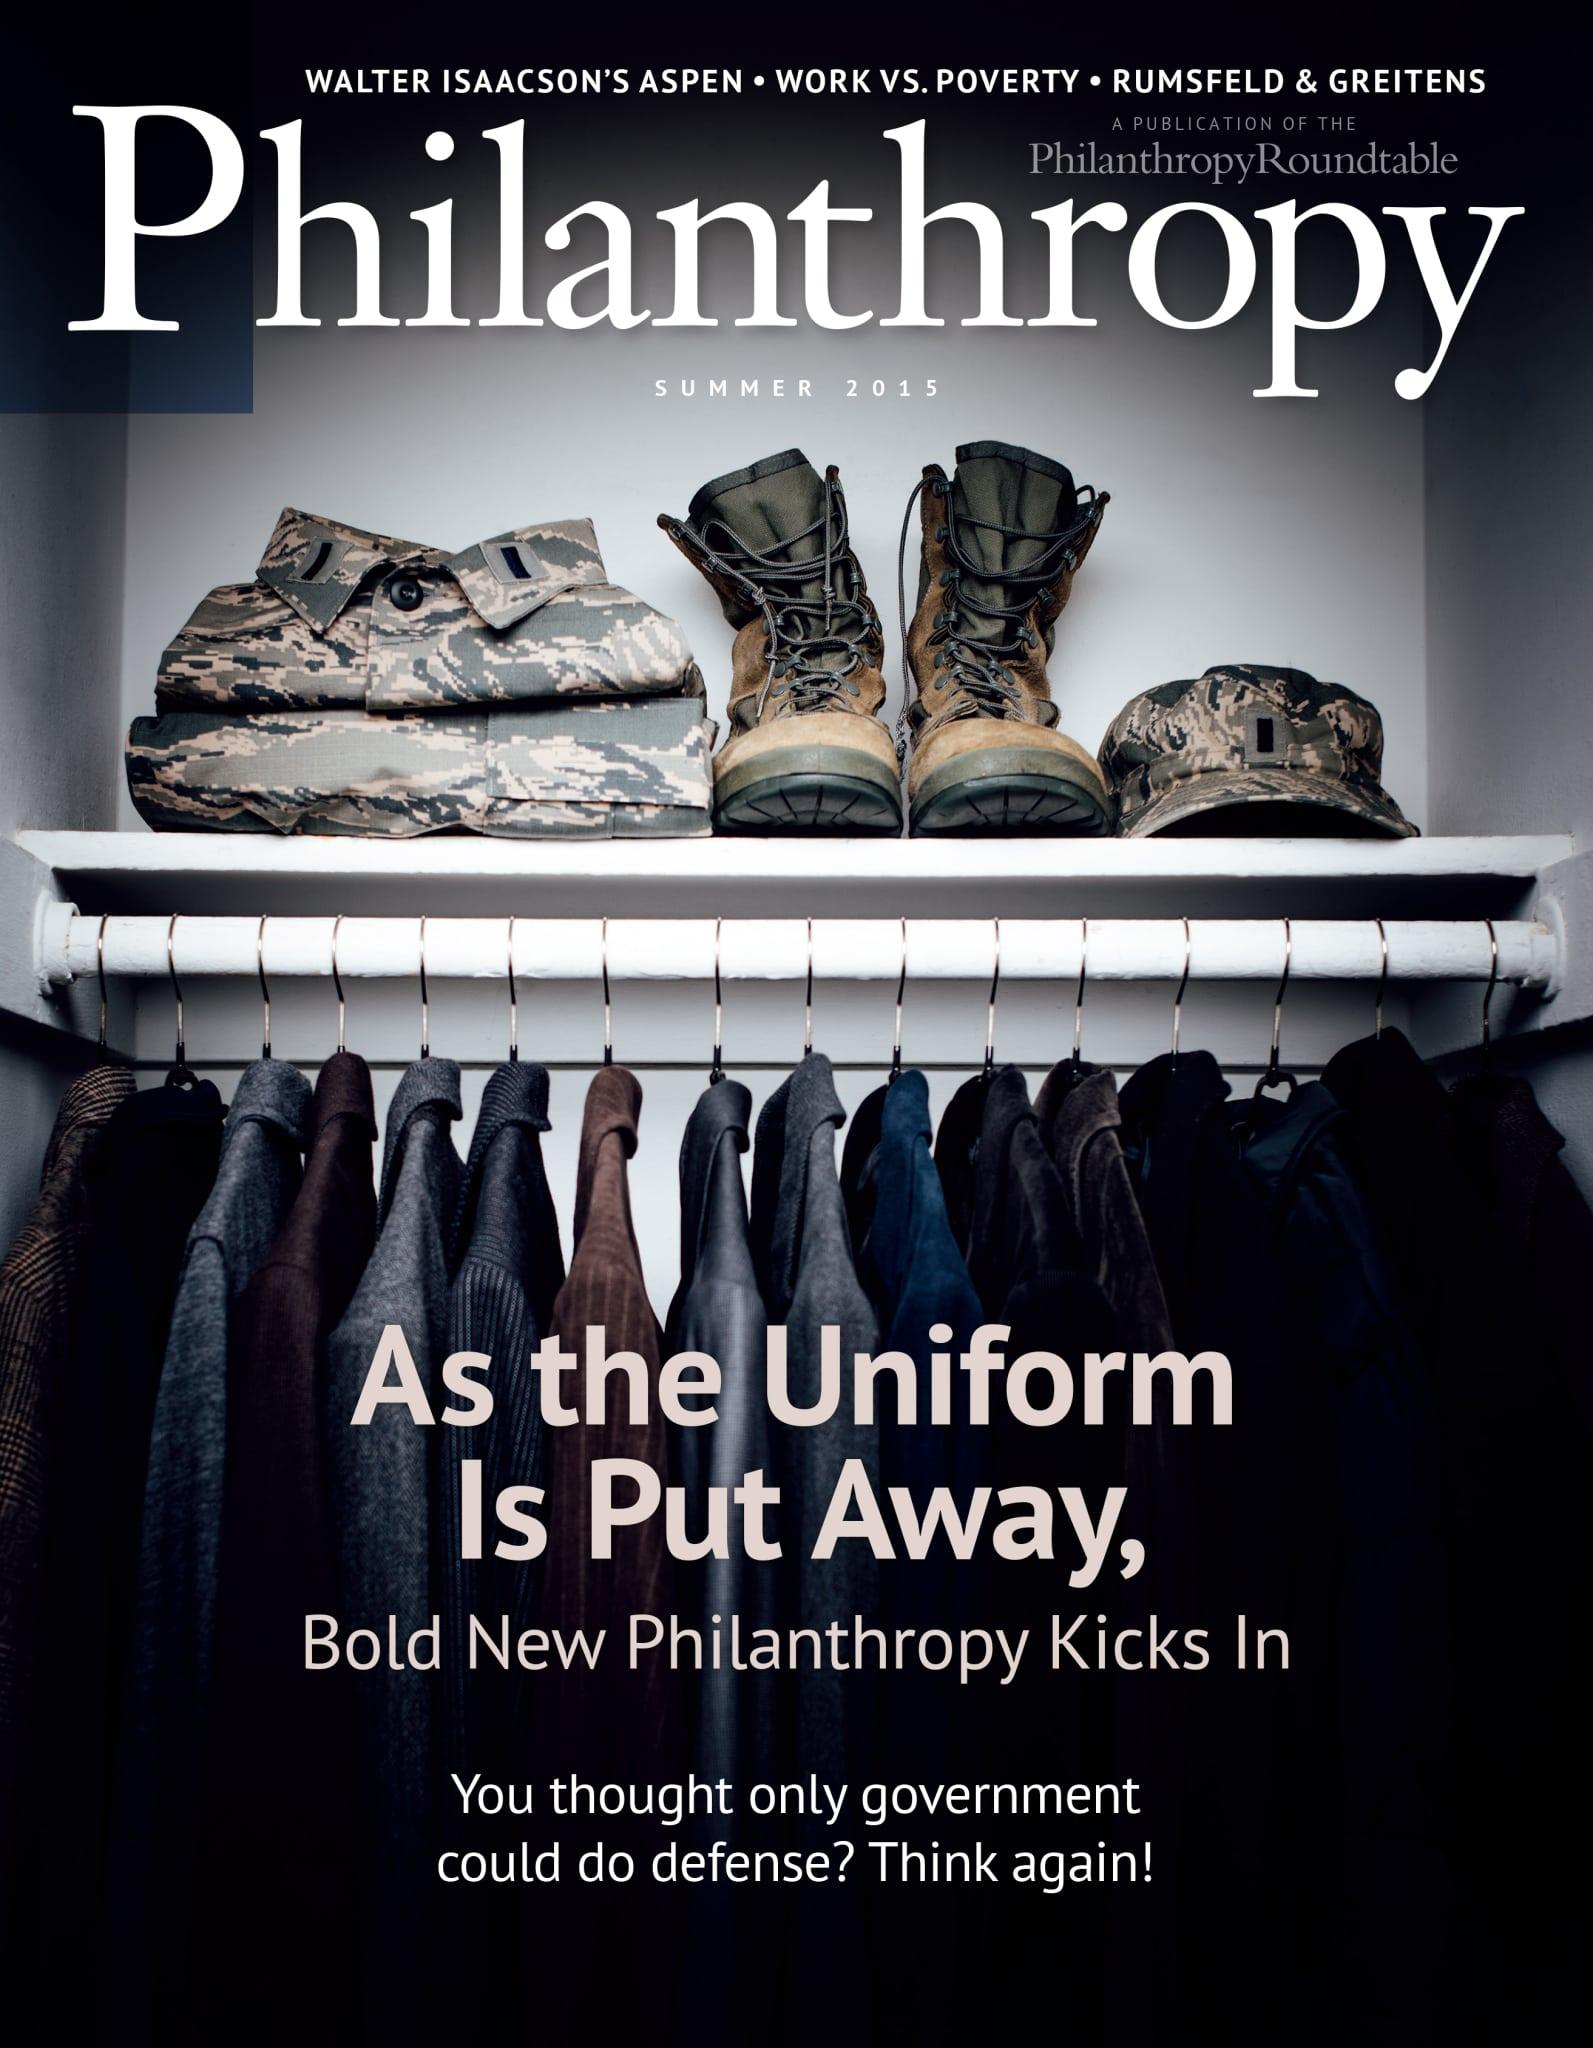 PHILANTHROPY_ASNP_Full_Issue_Eddies